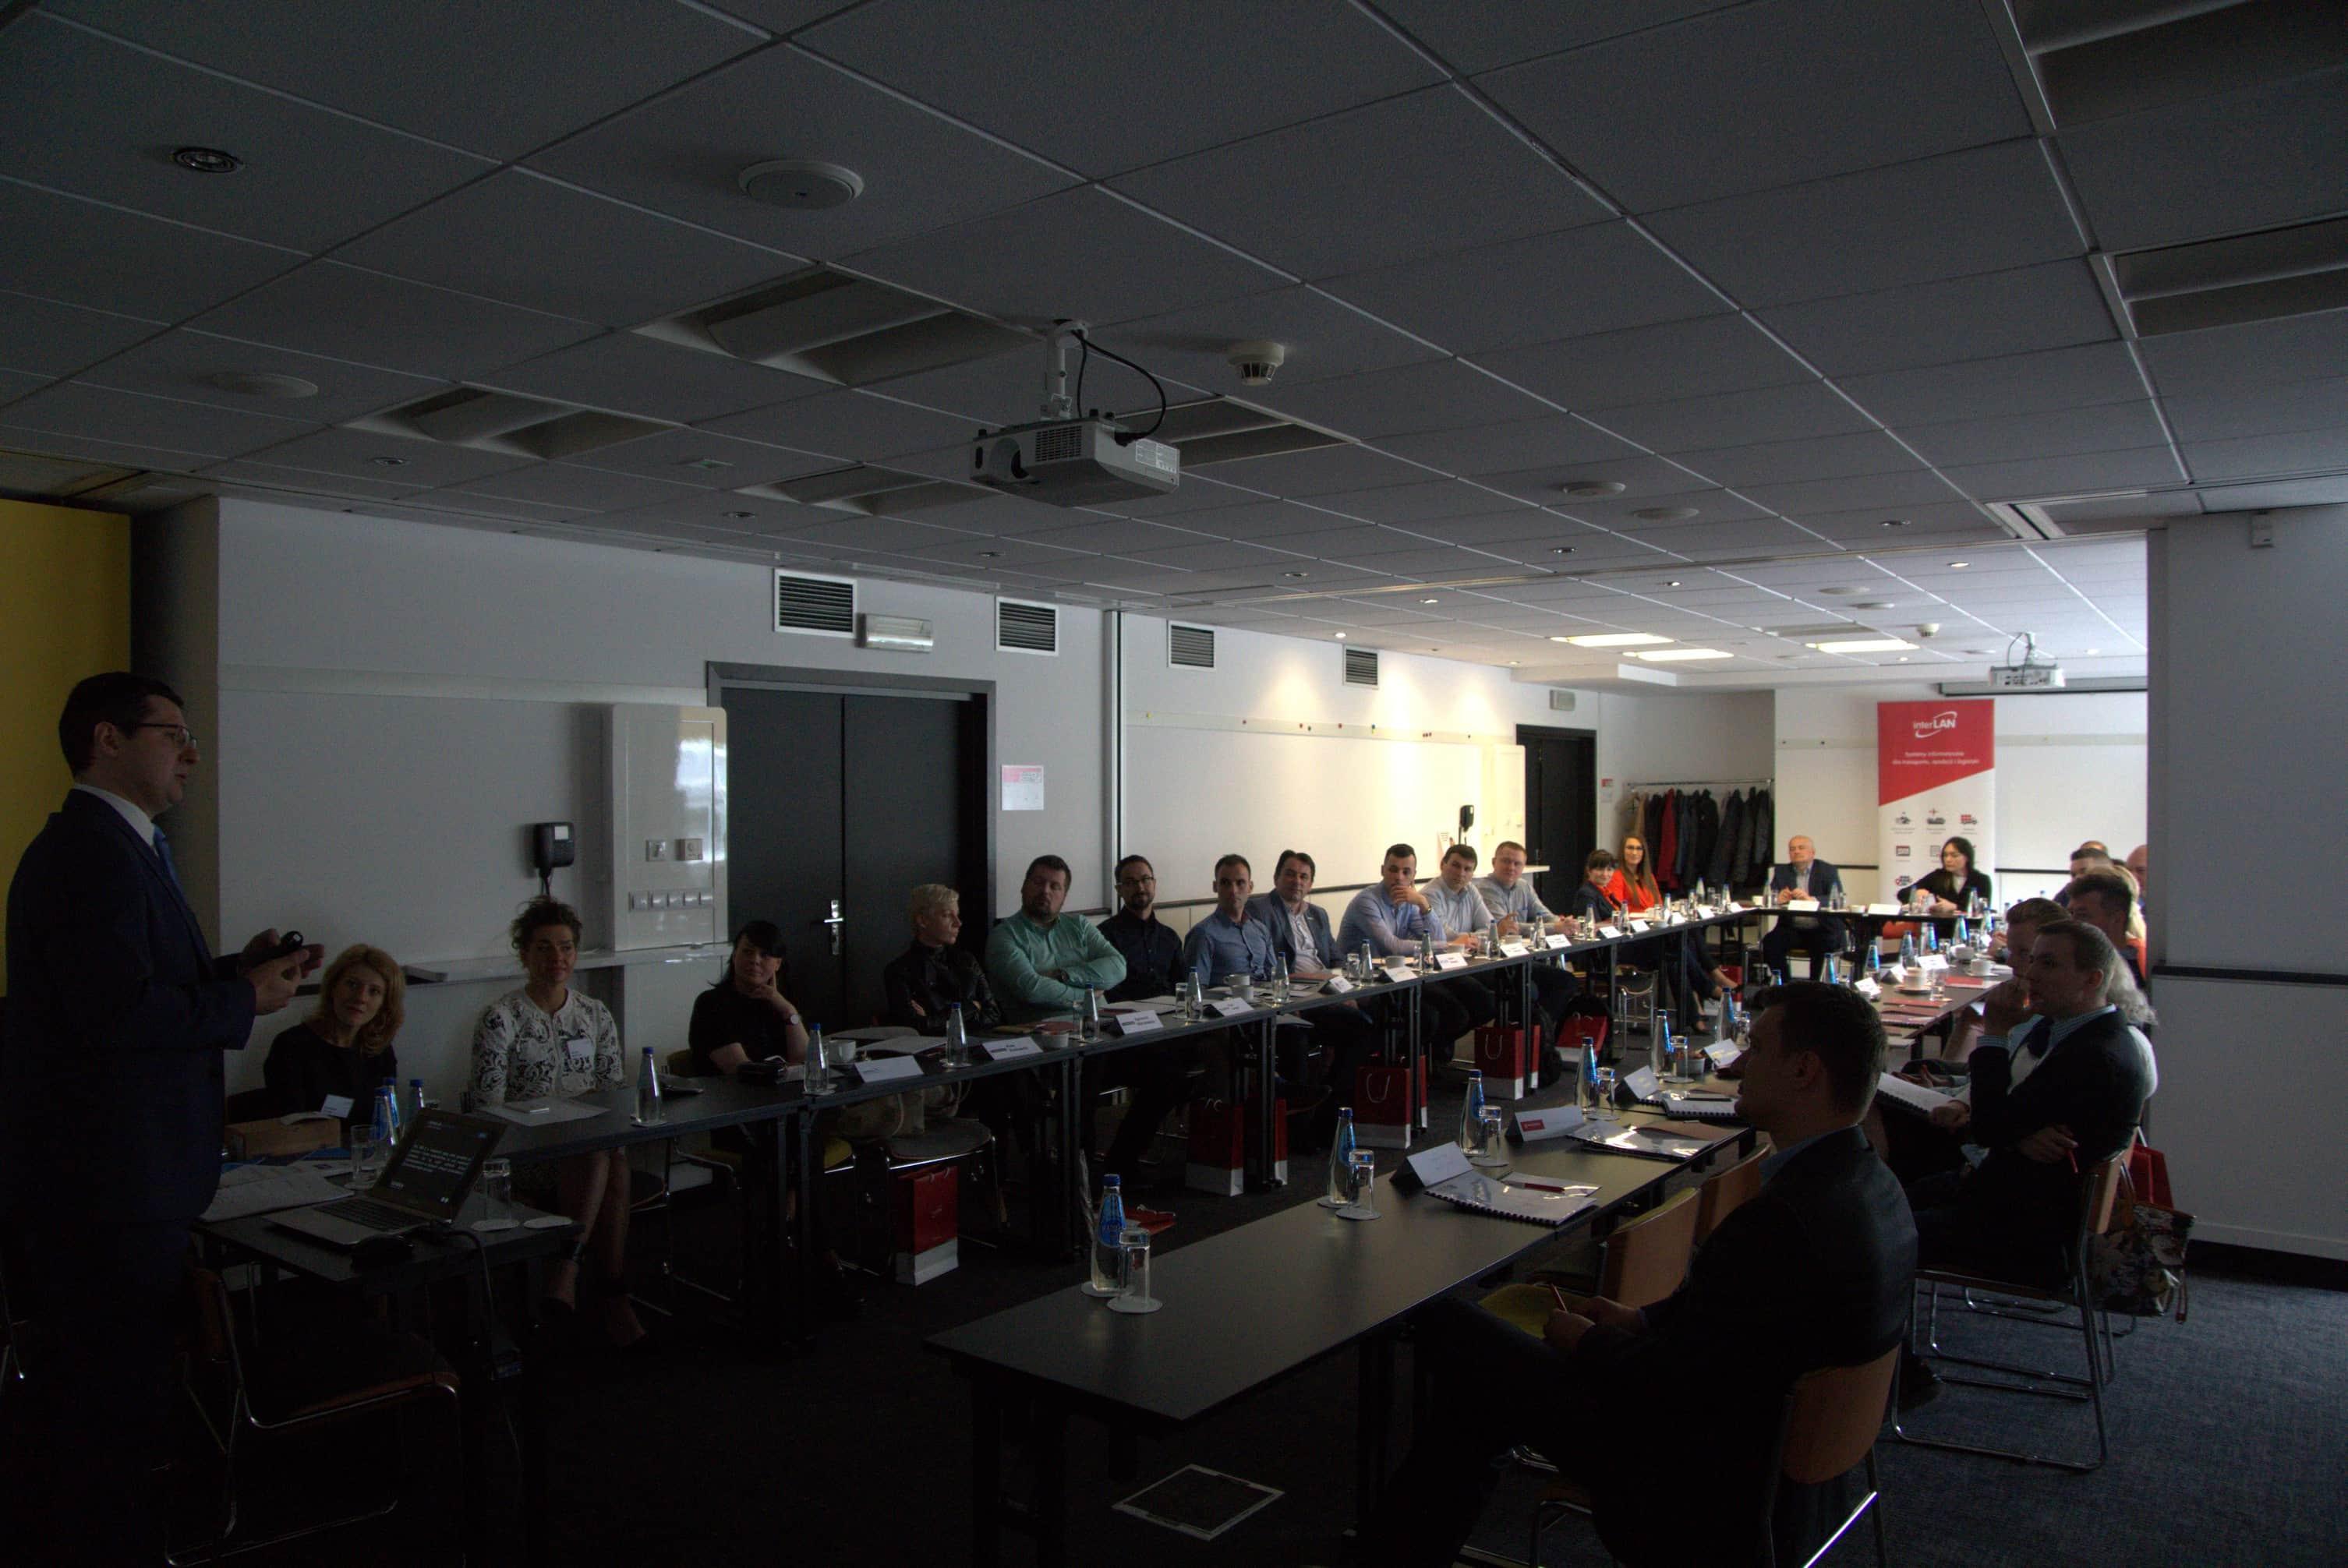 Podsumowanie spotkań zorganizowanych przez interLAN z udziałem naszej kancelarii